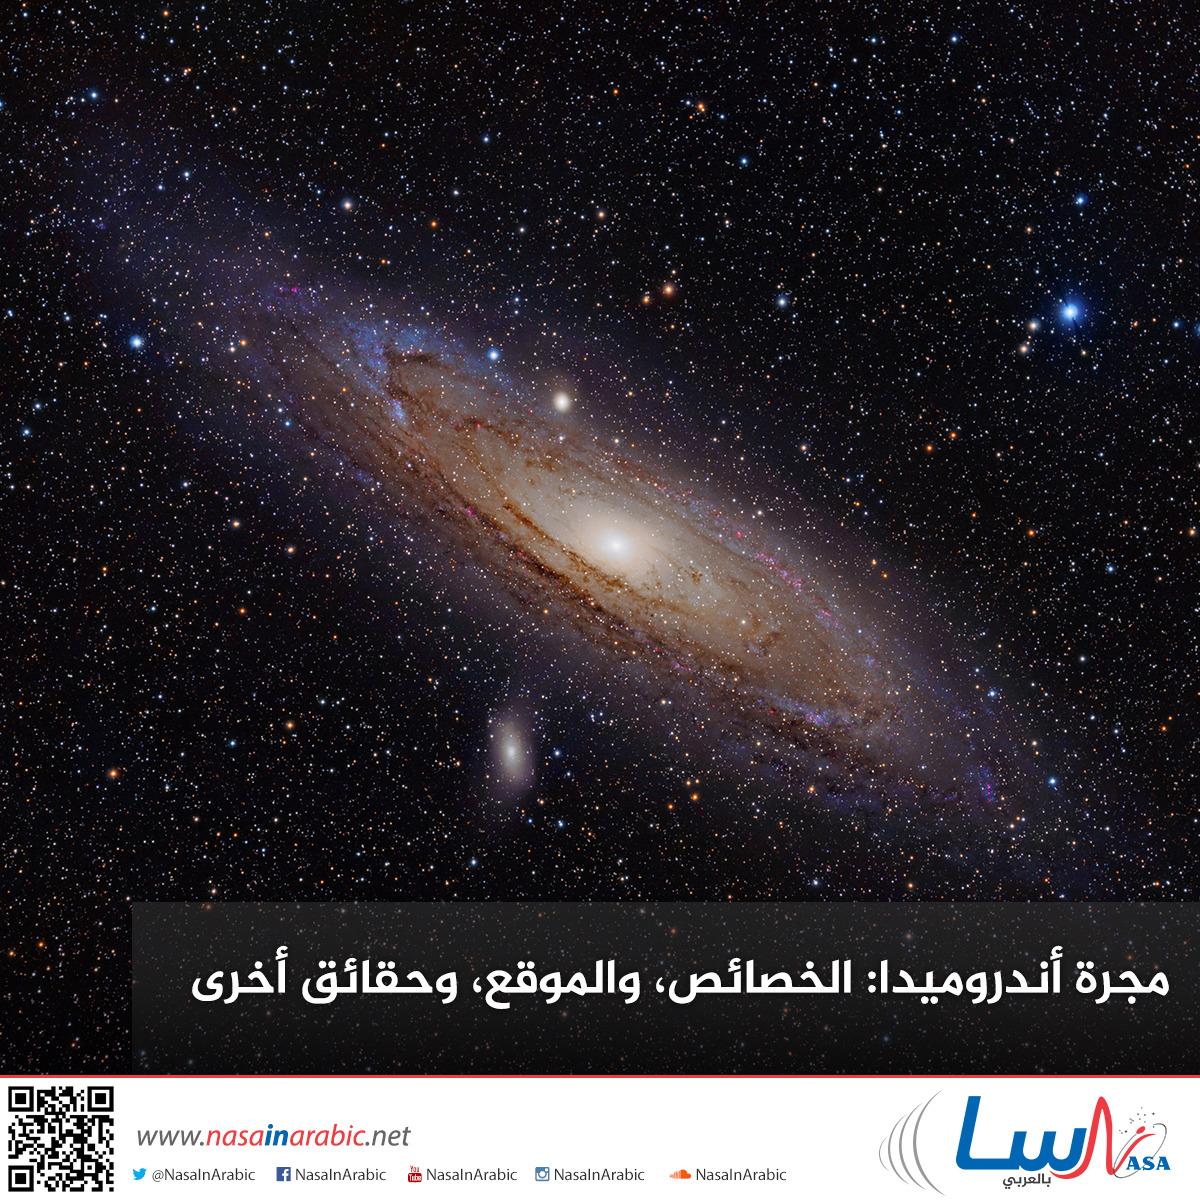 مجرة أندروميدا: الخصائص، والموقع، وحقائق أخرى